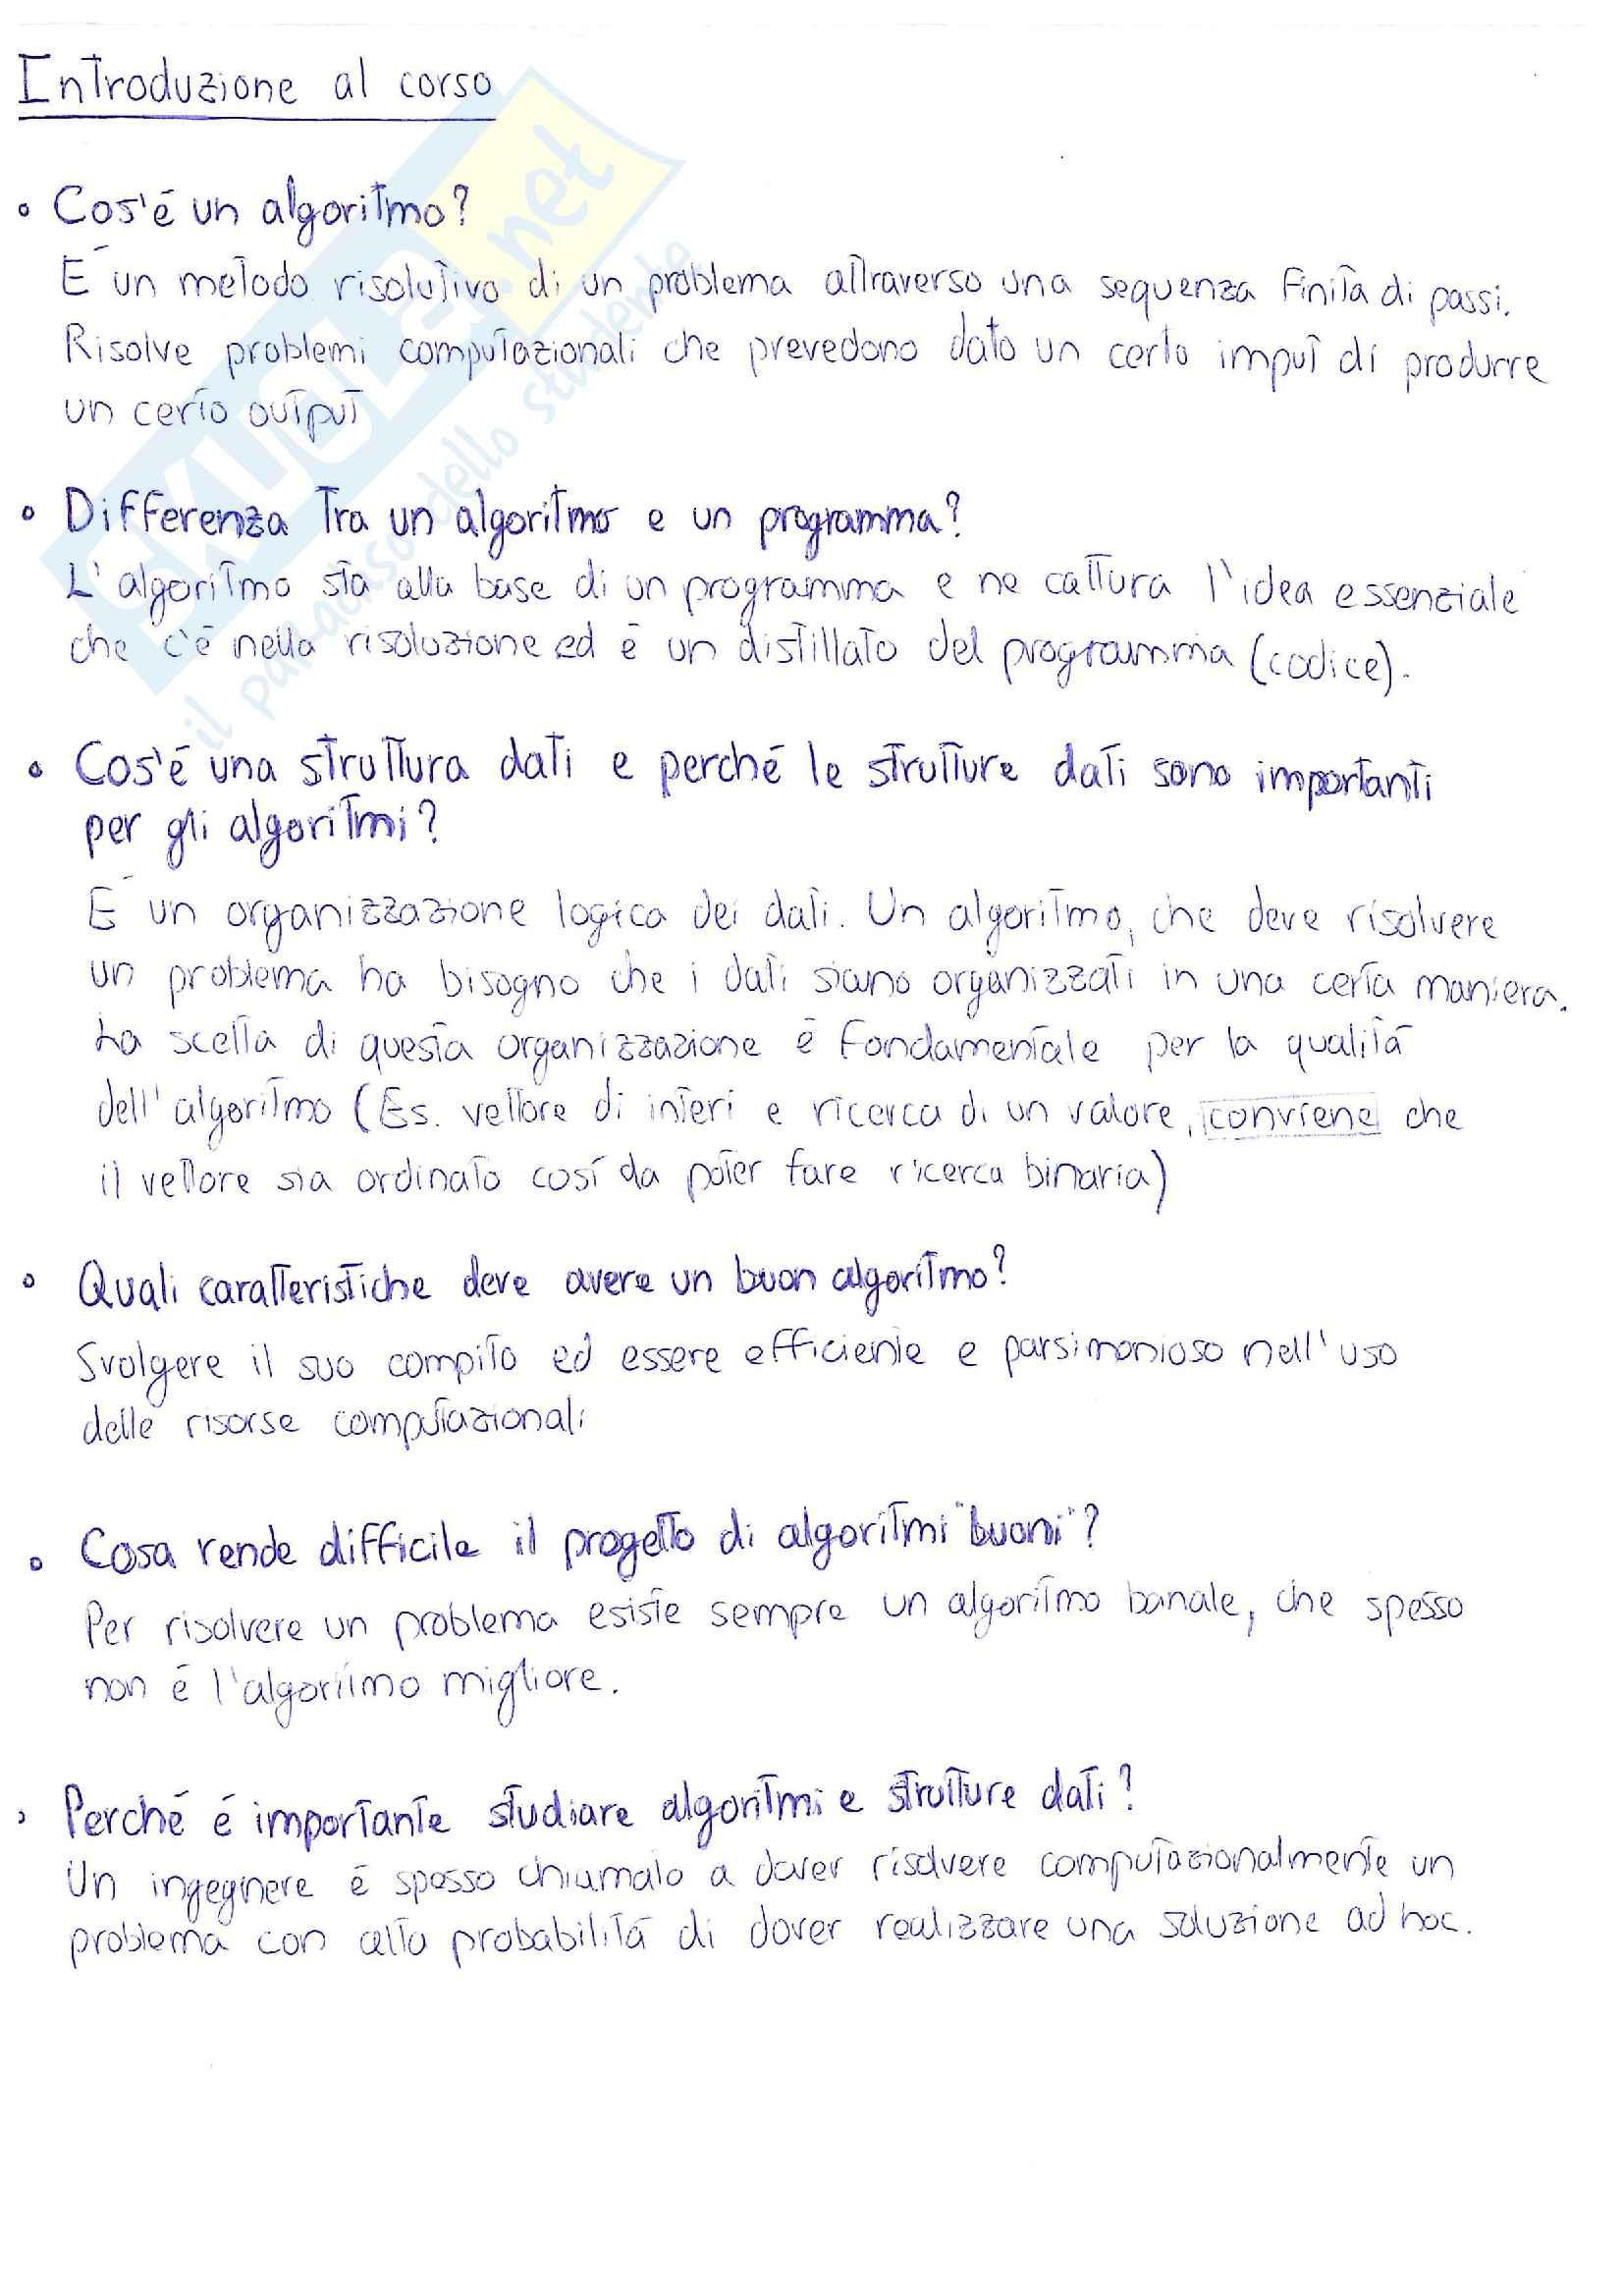 Dati e Algoritmi 1 - appunti essenziali ed esercizi